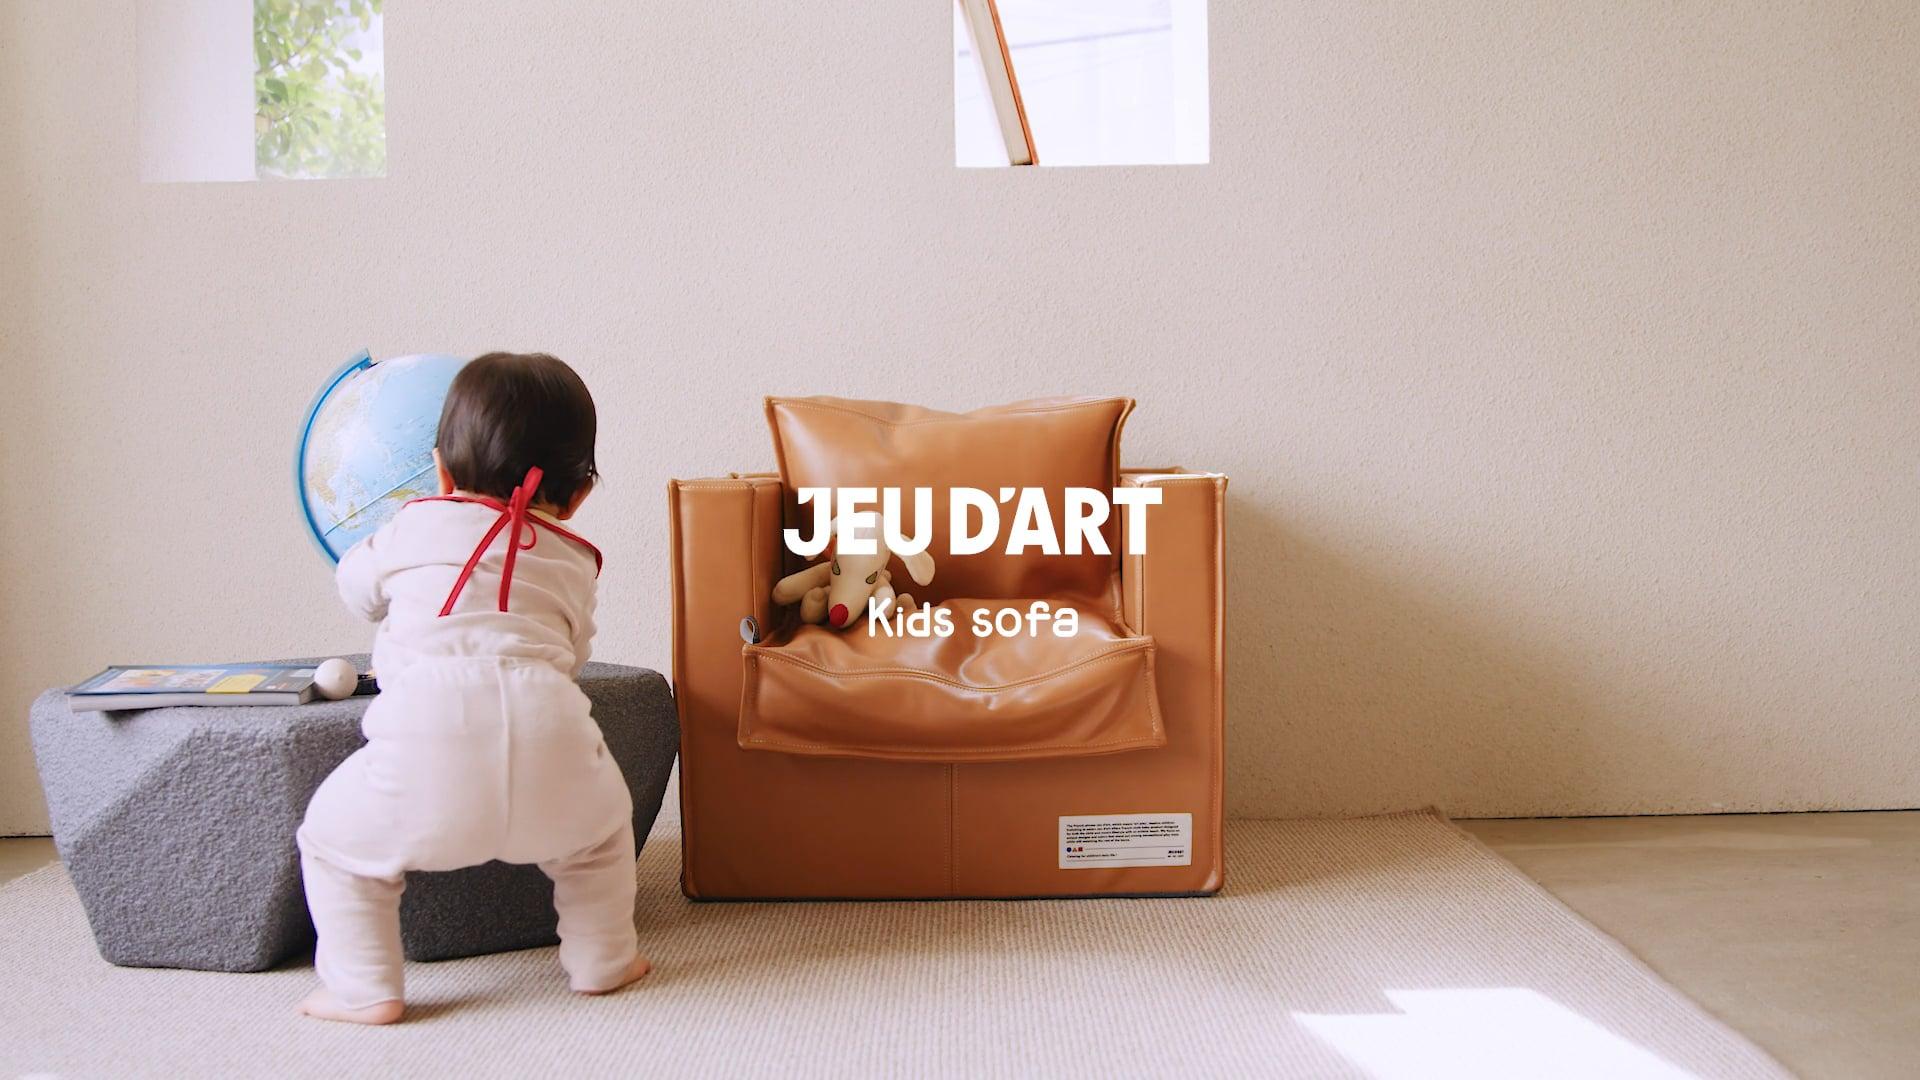 JEUDA'RT